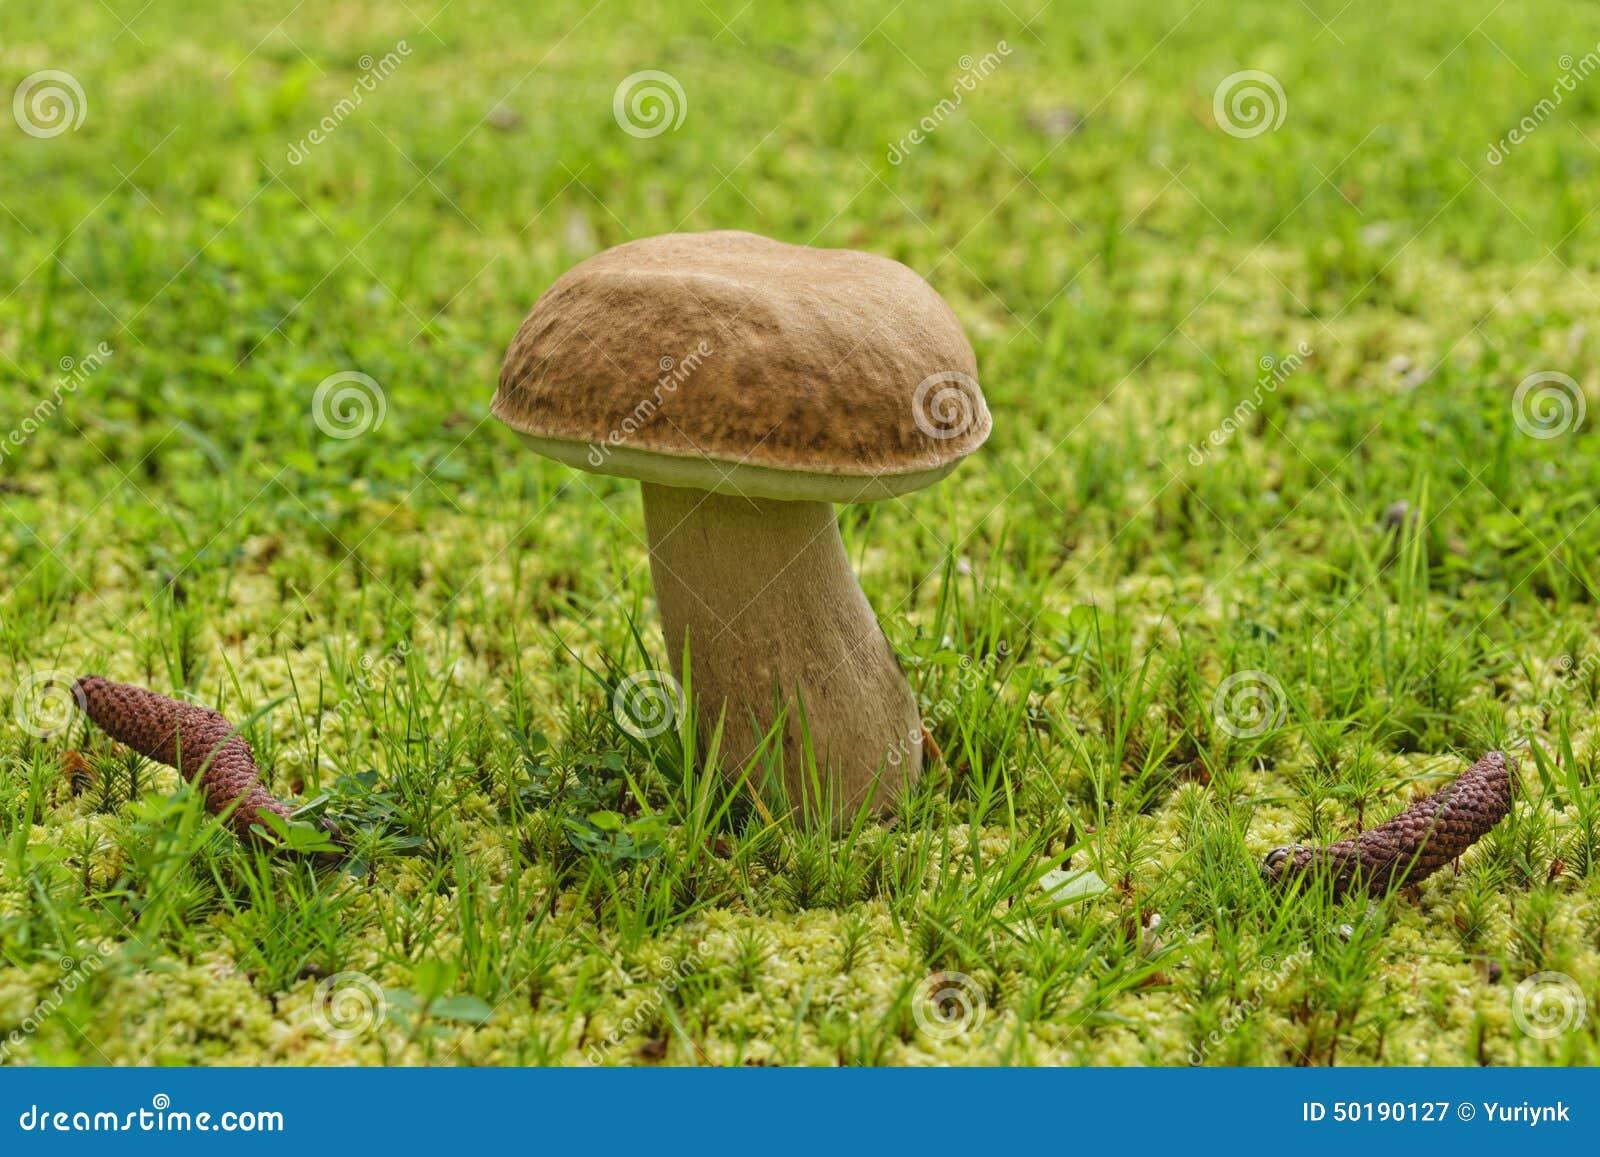 die pilze im sch nen botanischen garten von furnas stockfoto bild 50190127. Black Bedroom Furniture Sets. Home Design Ideas